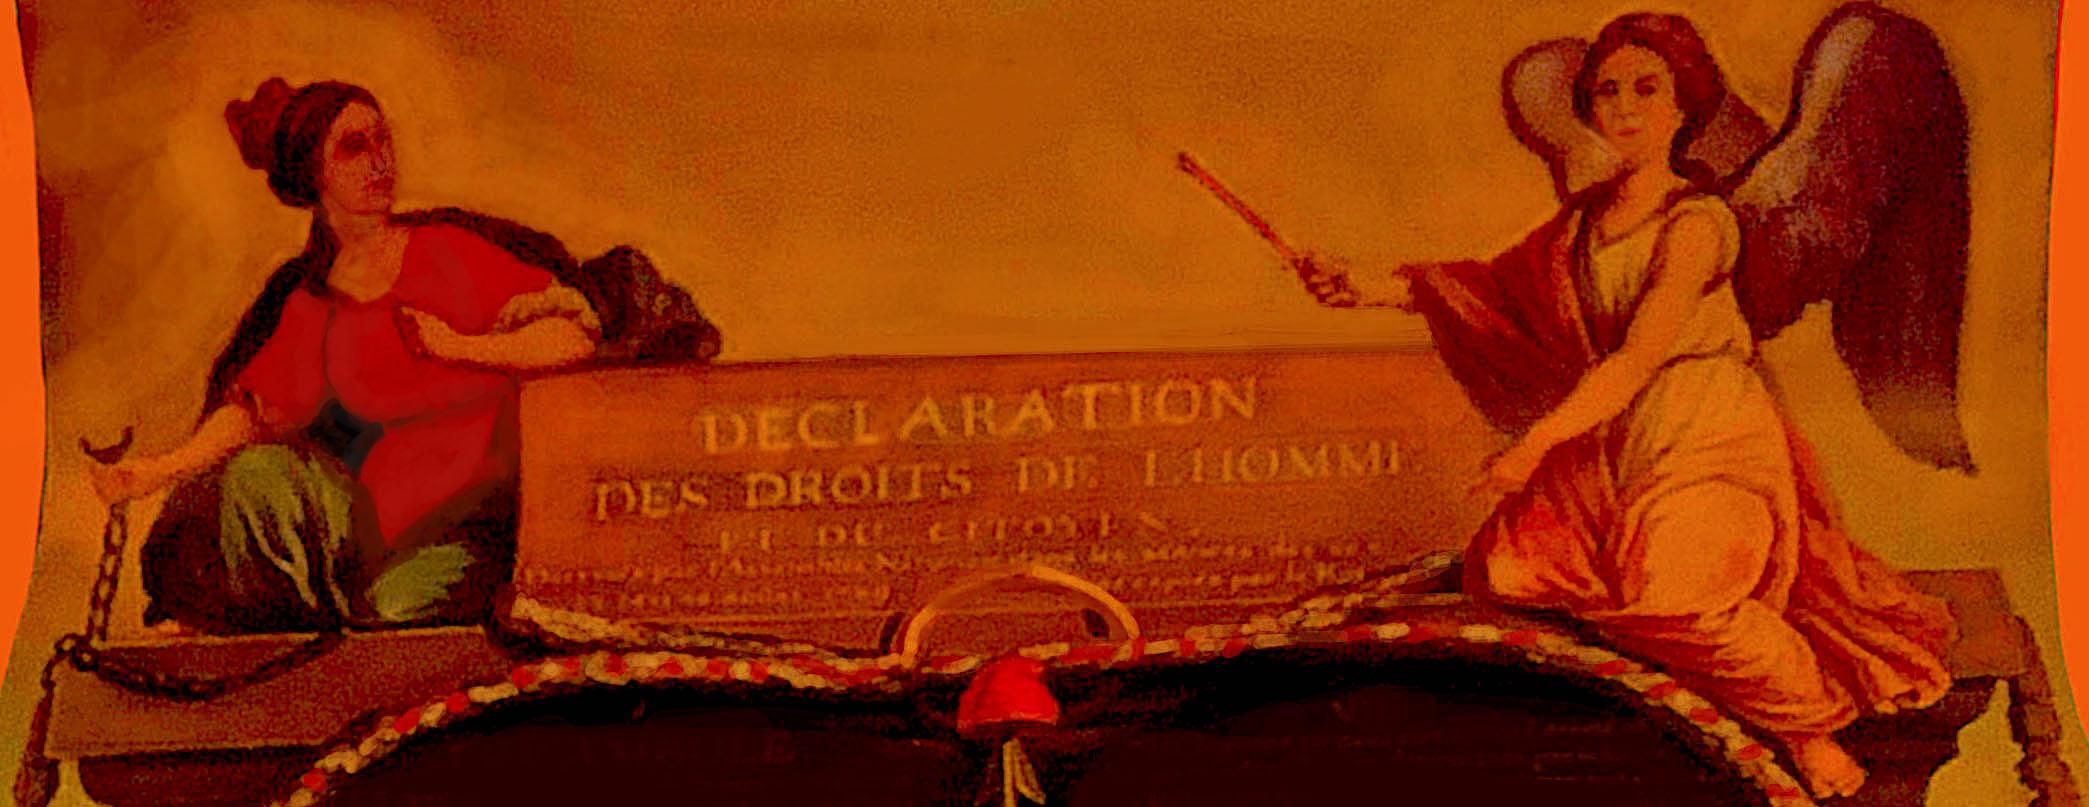 Déclaration1789Rec